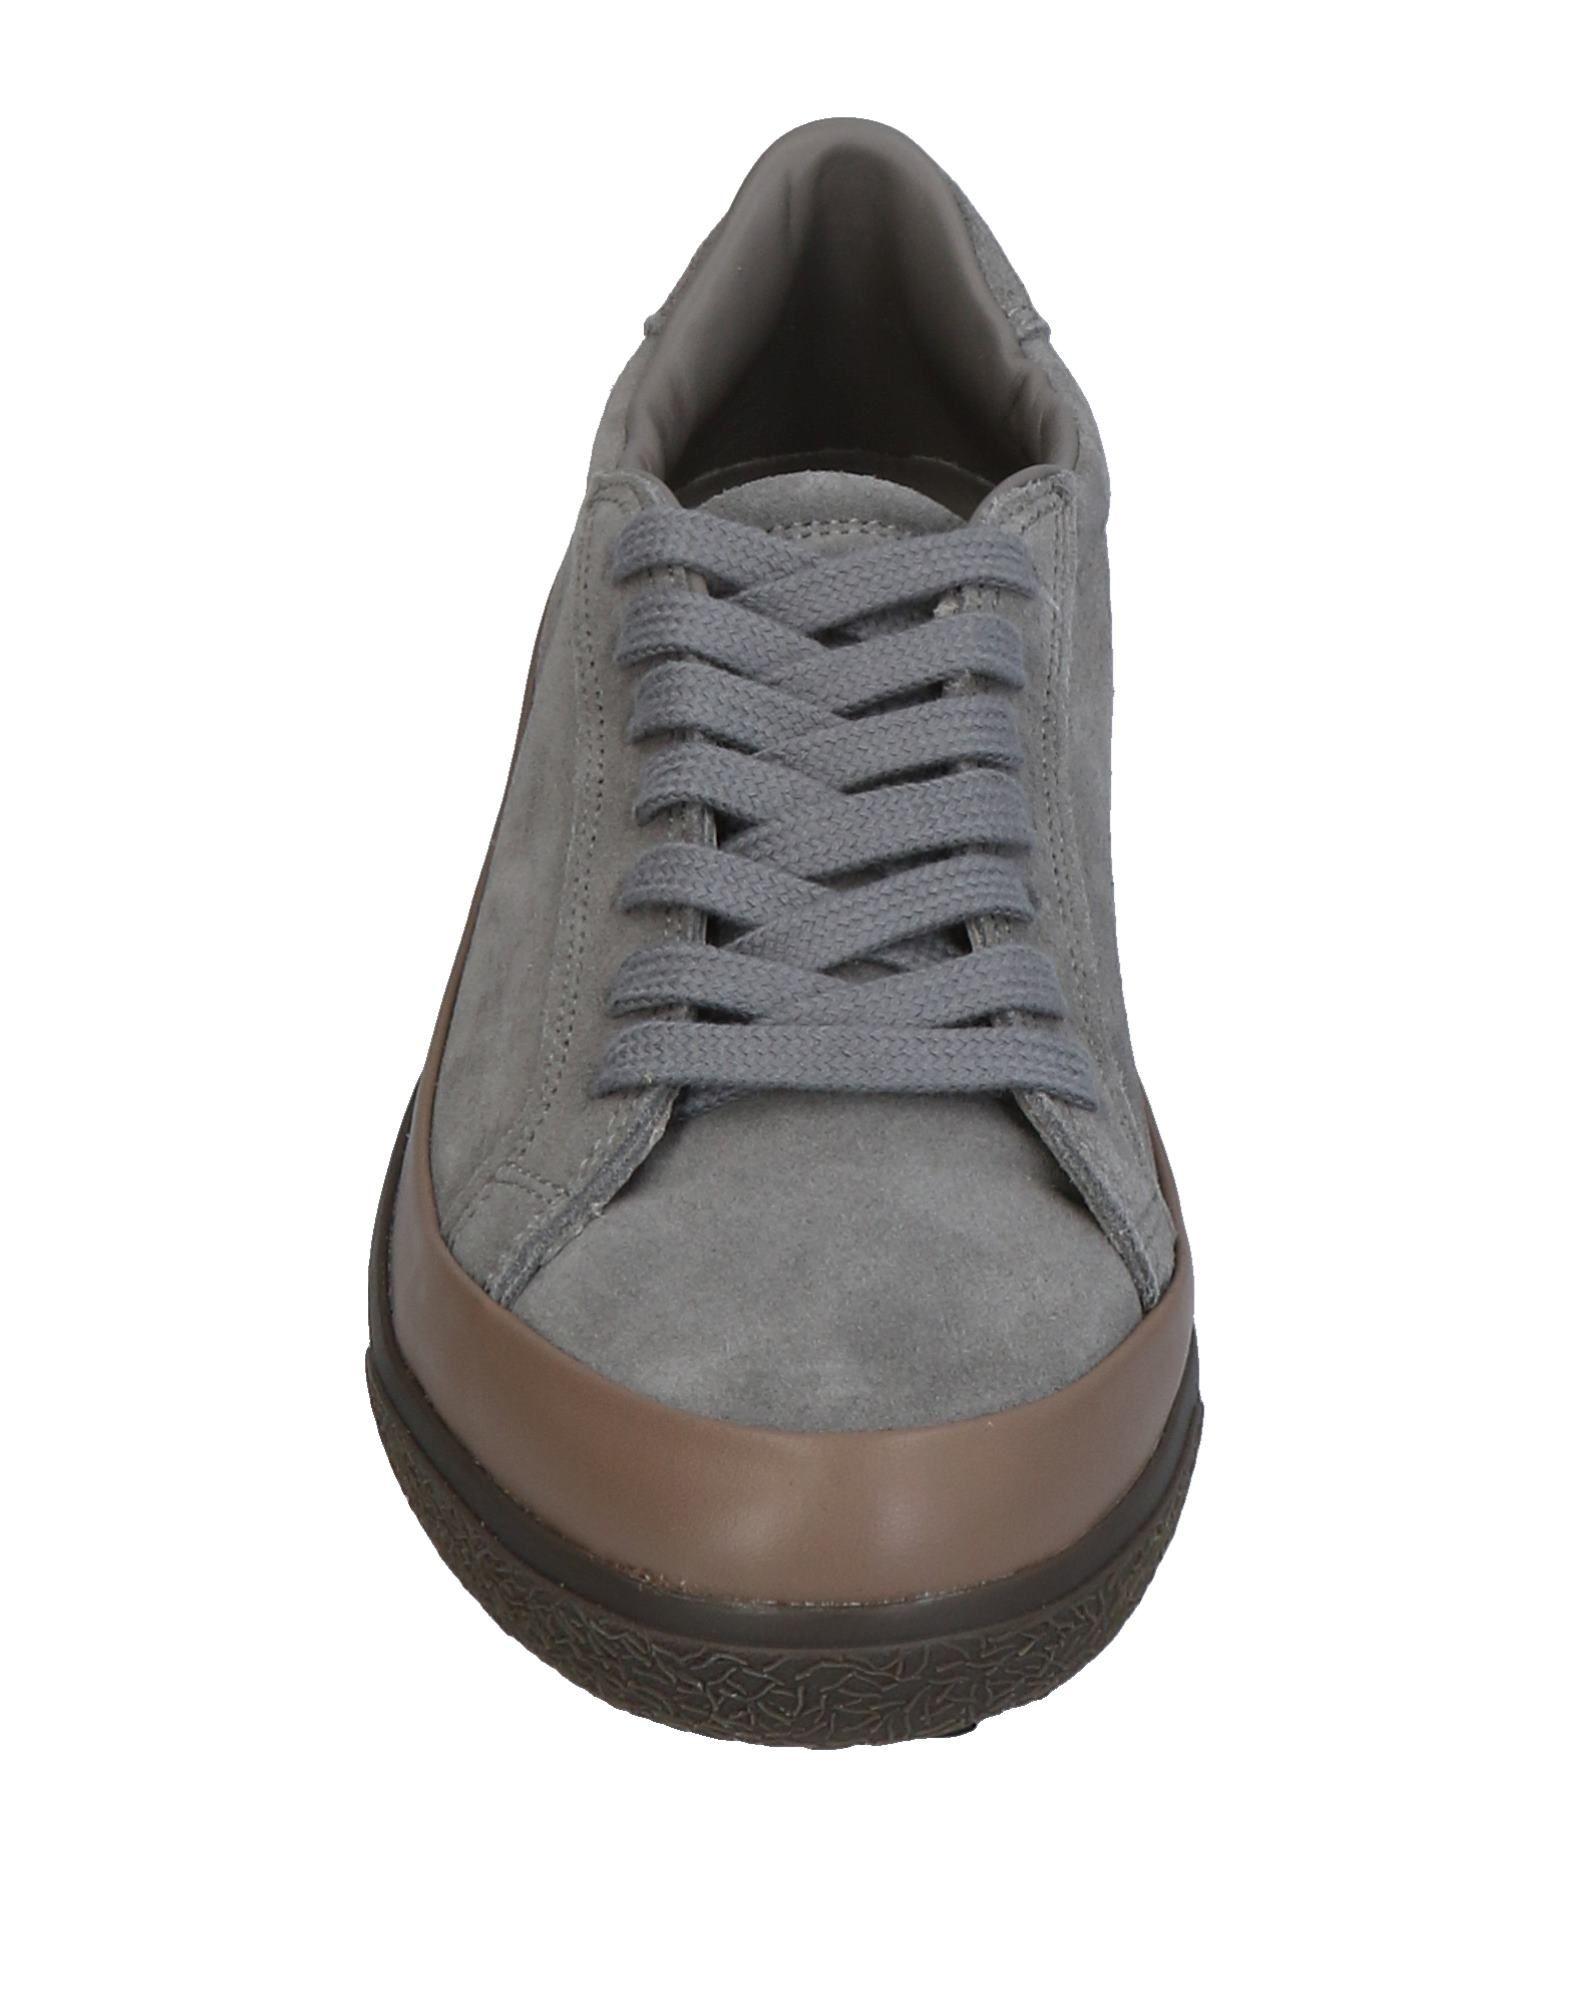 Pantofola D'oro Sneakers Damen 11457054OX  11457054OX Damen 007a66